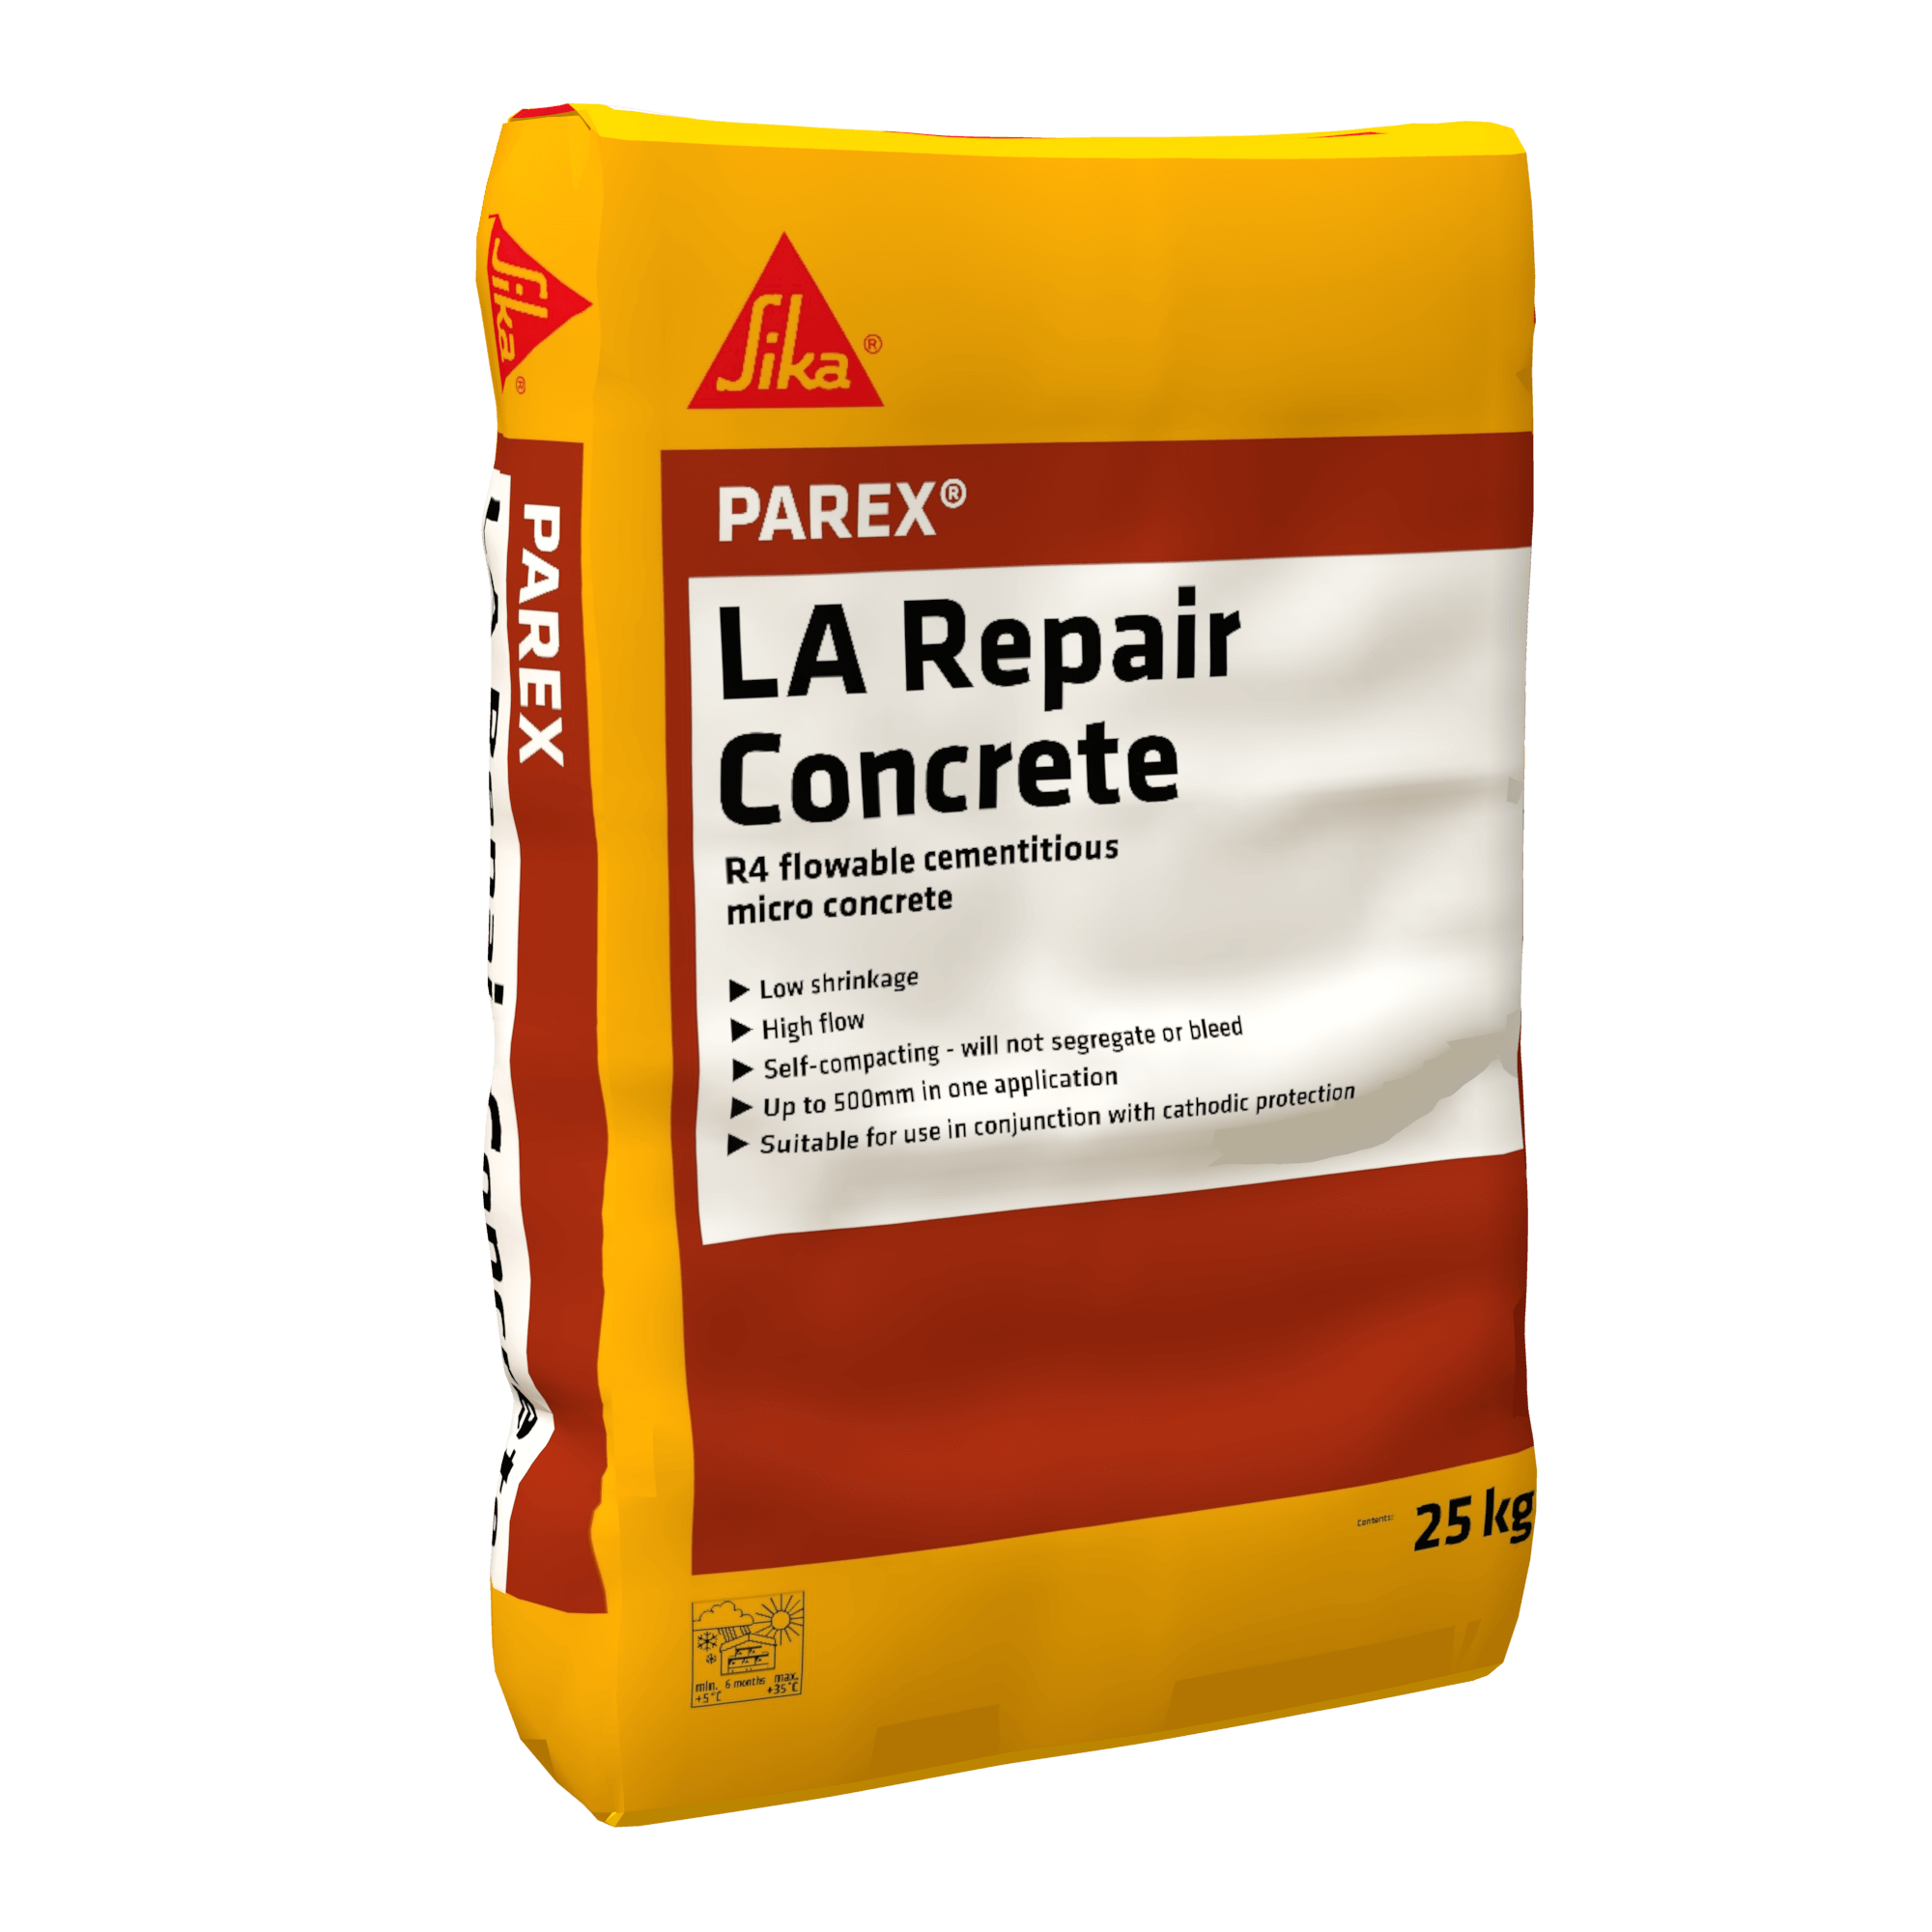 Parex LA Repair Concrete